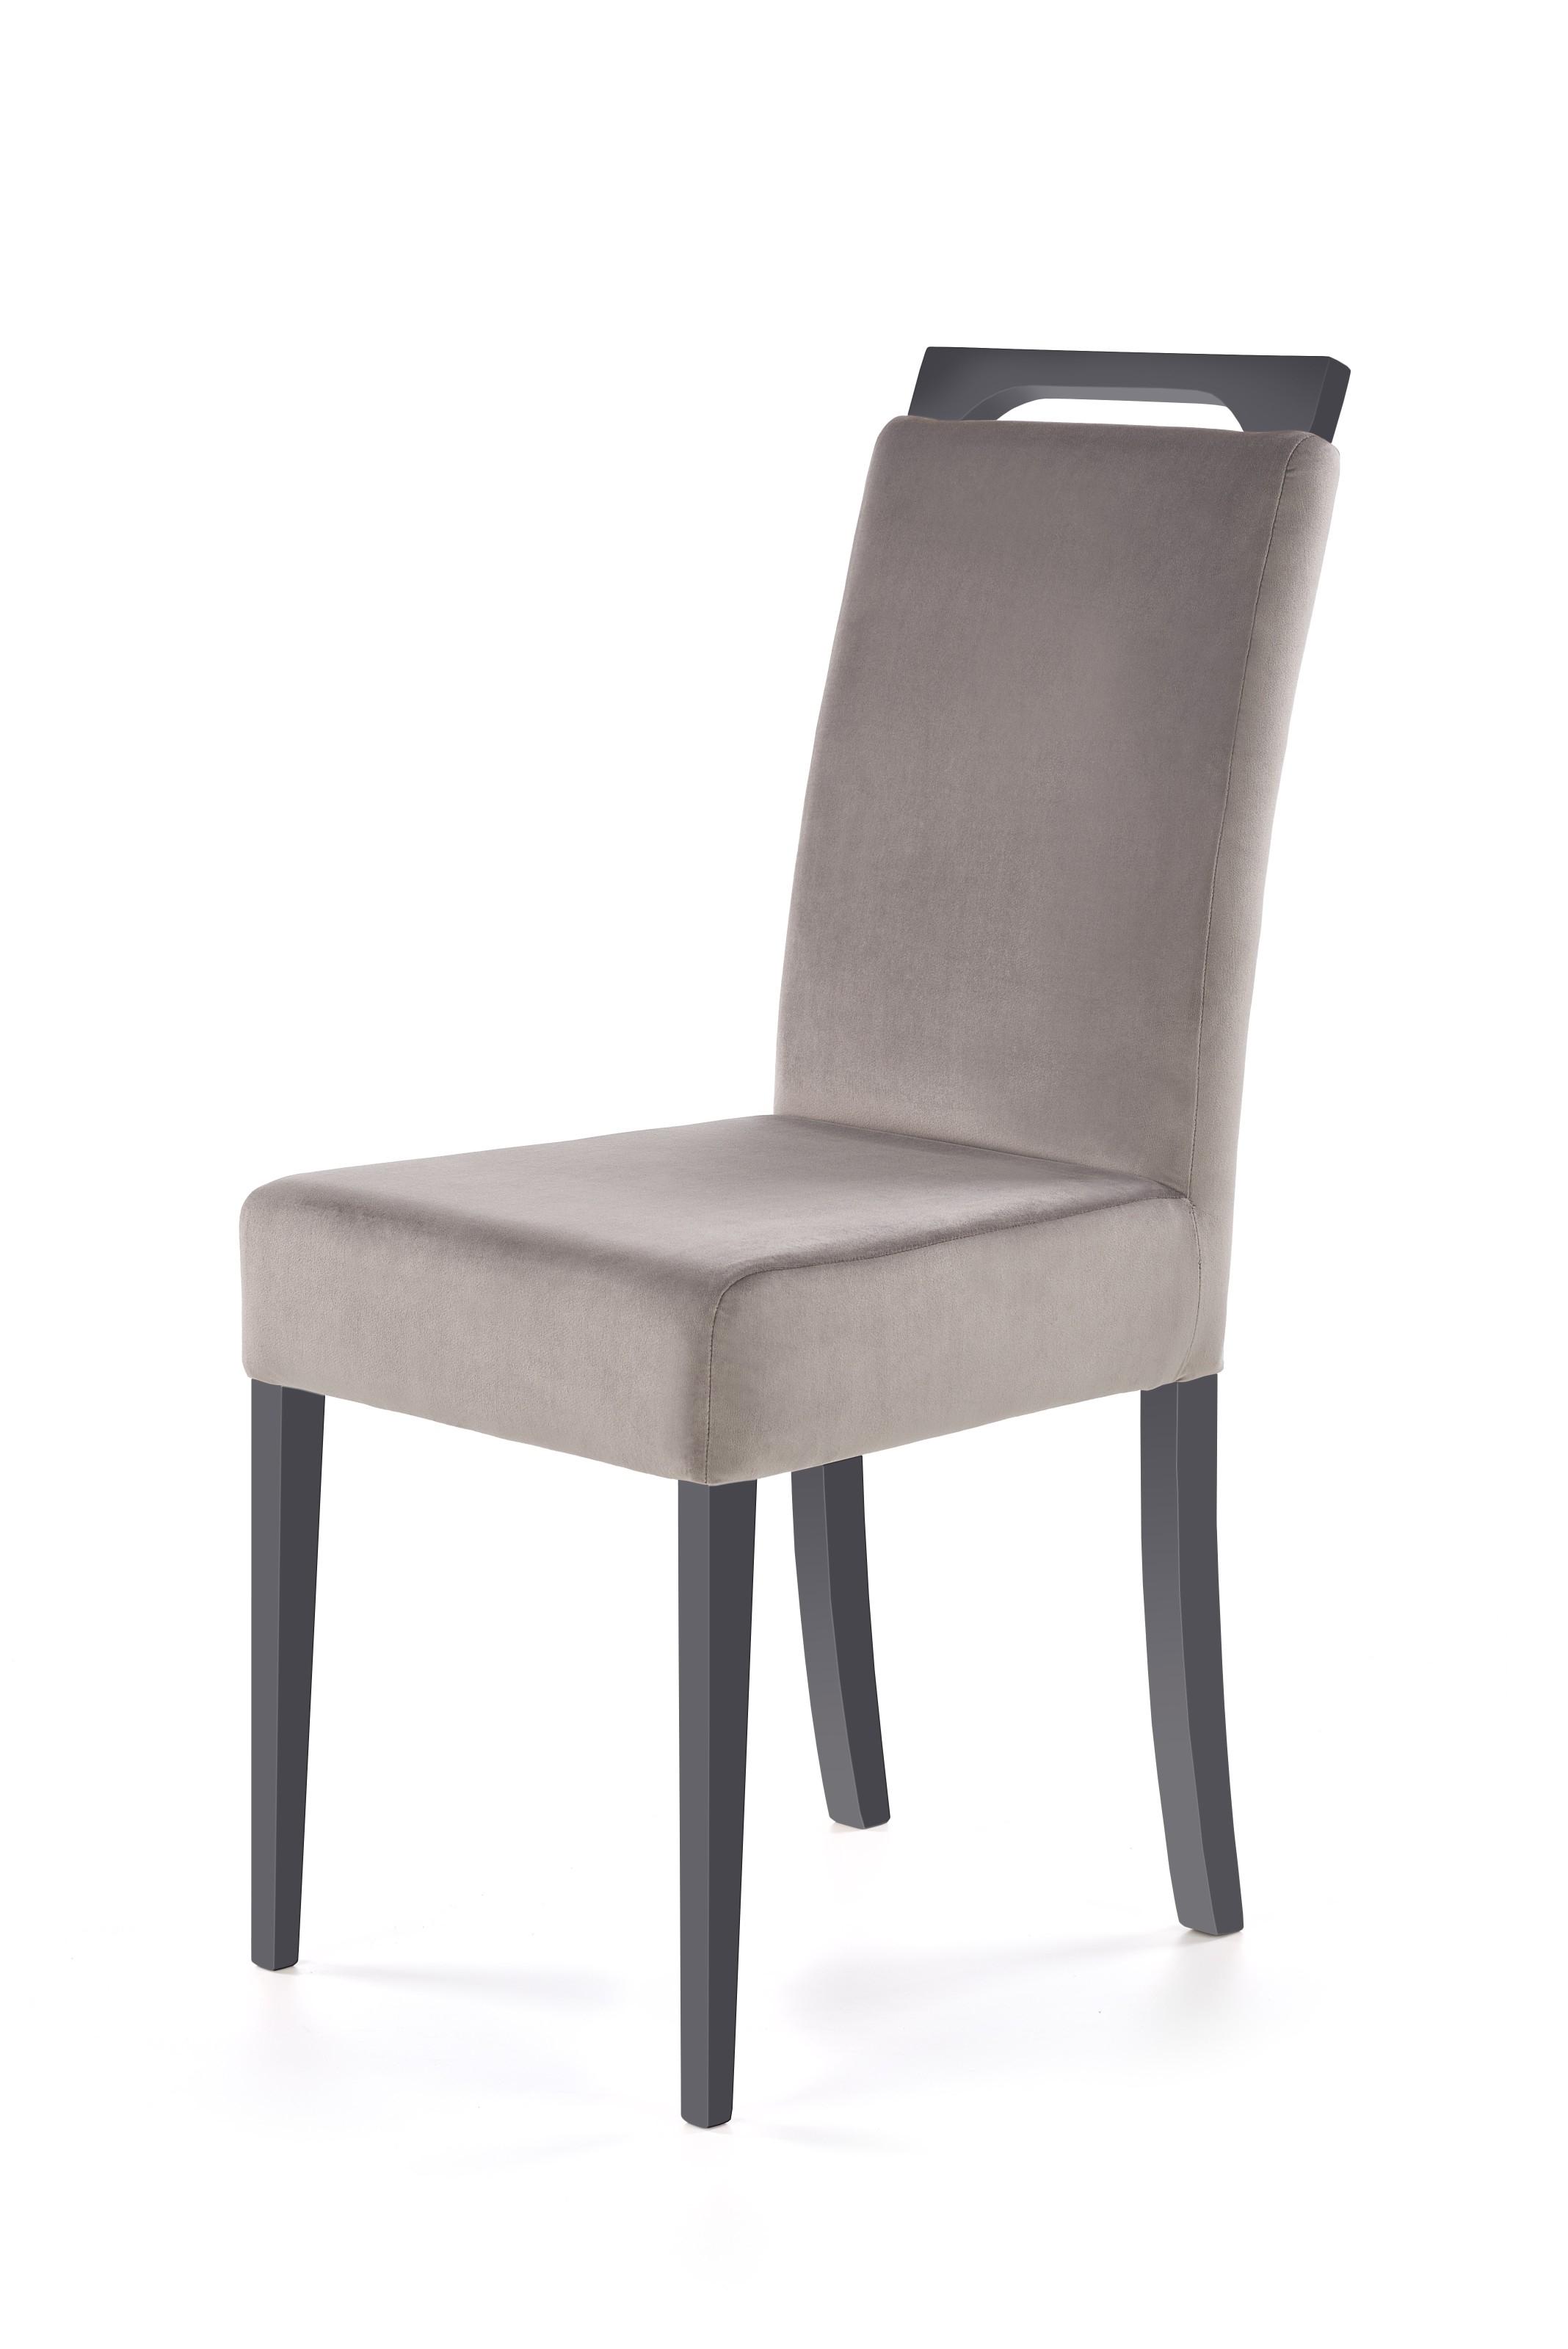 CLARION krzesło grafitowy / tap: RIVIERA 91 (1p=2szt)